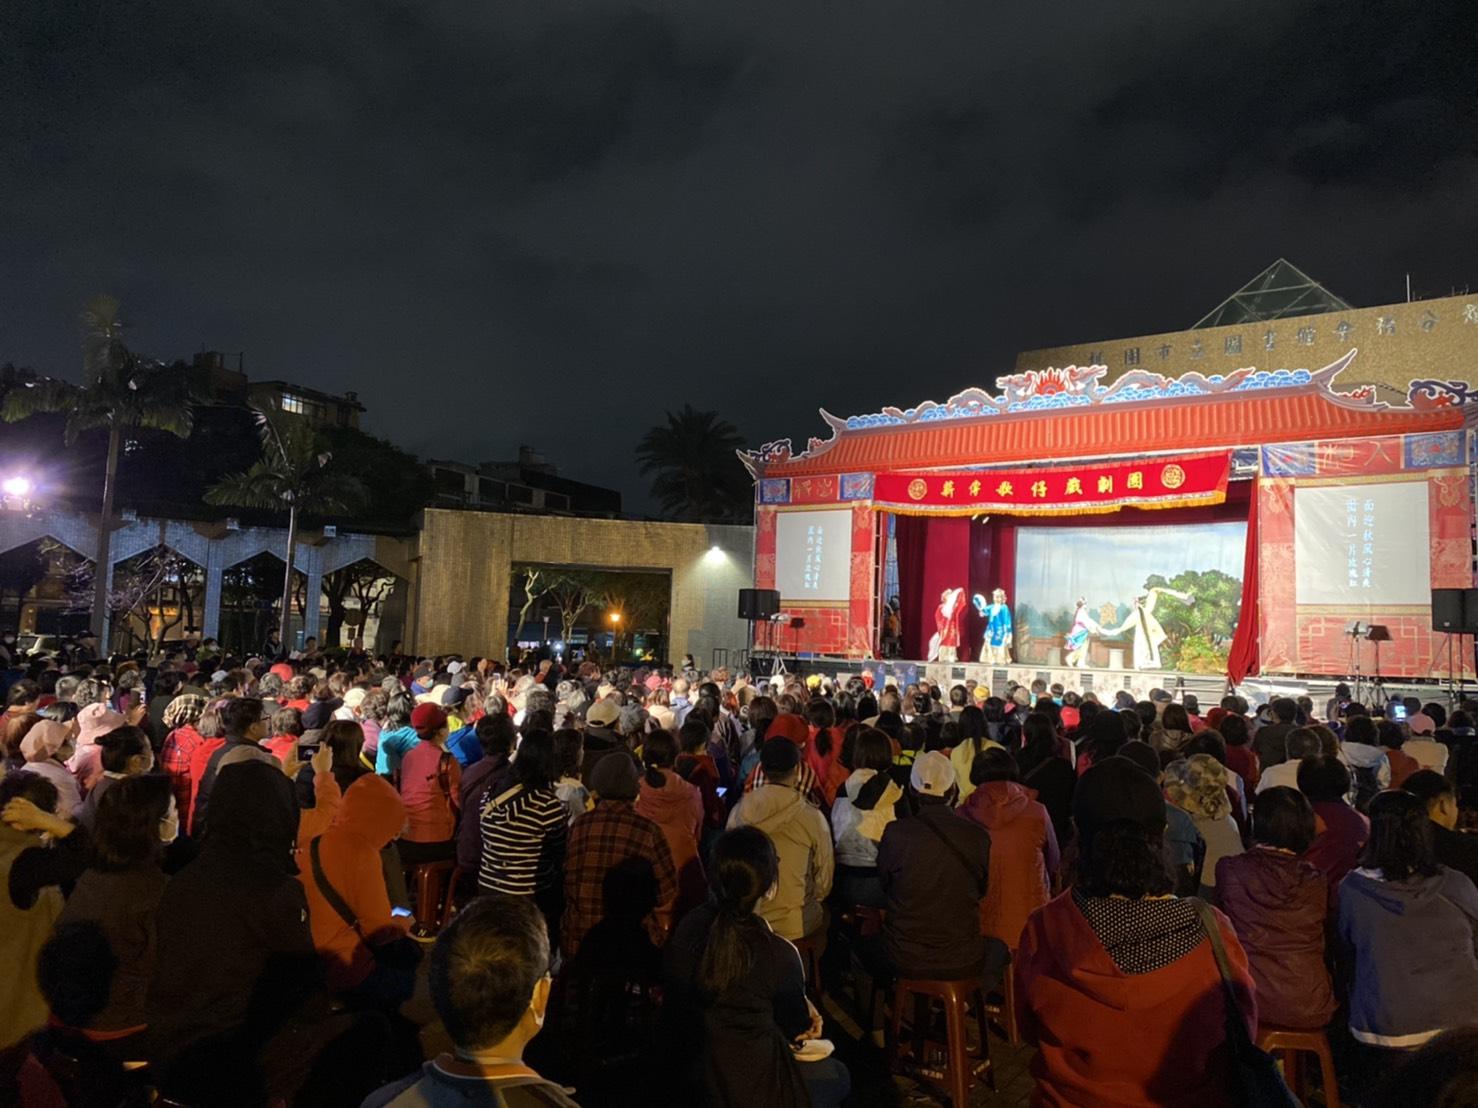 薪傳歌仔戲團是國內最優秀的歌仔戲團之一。